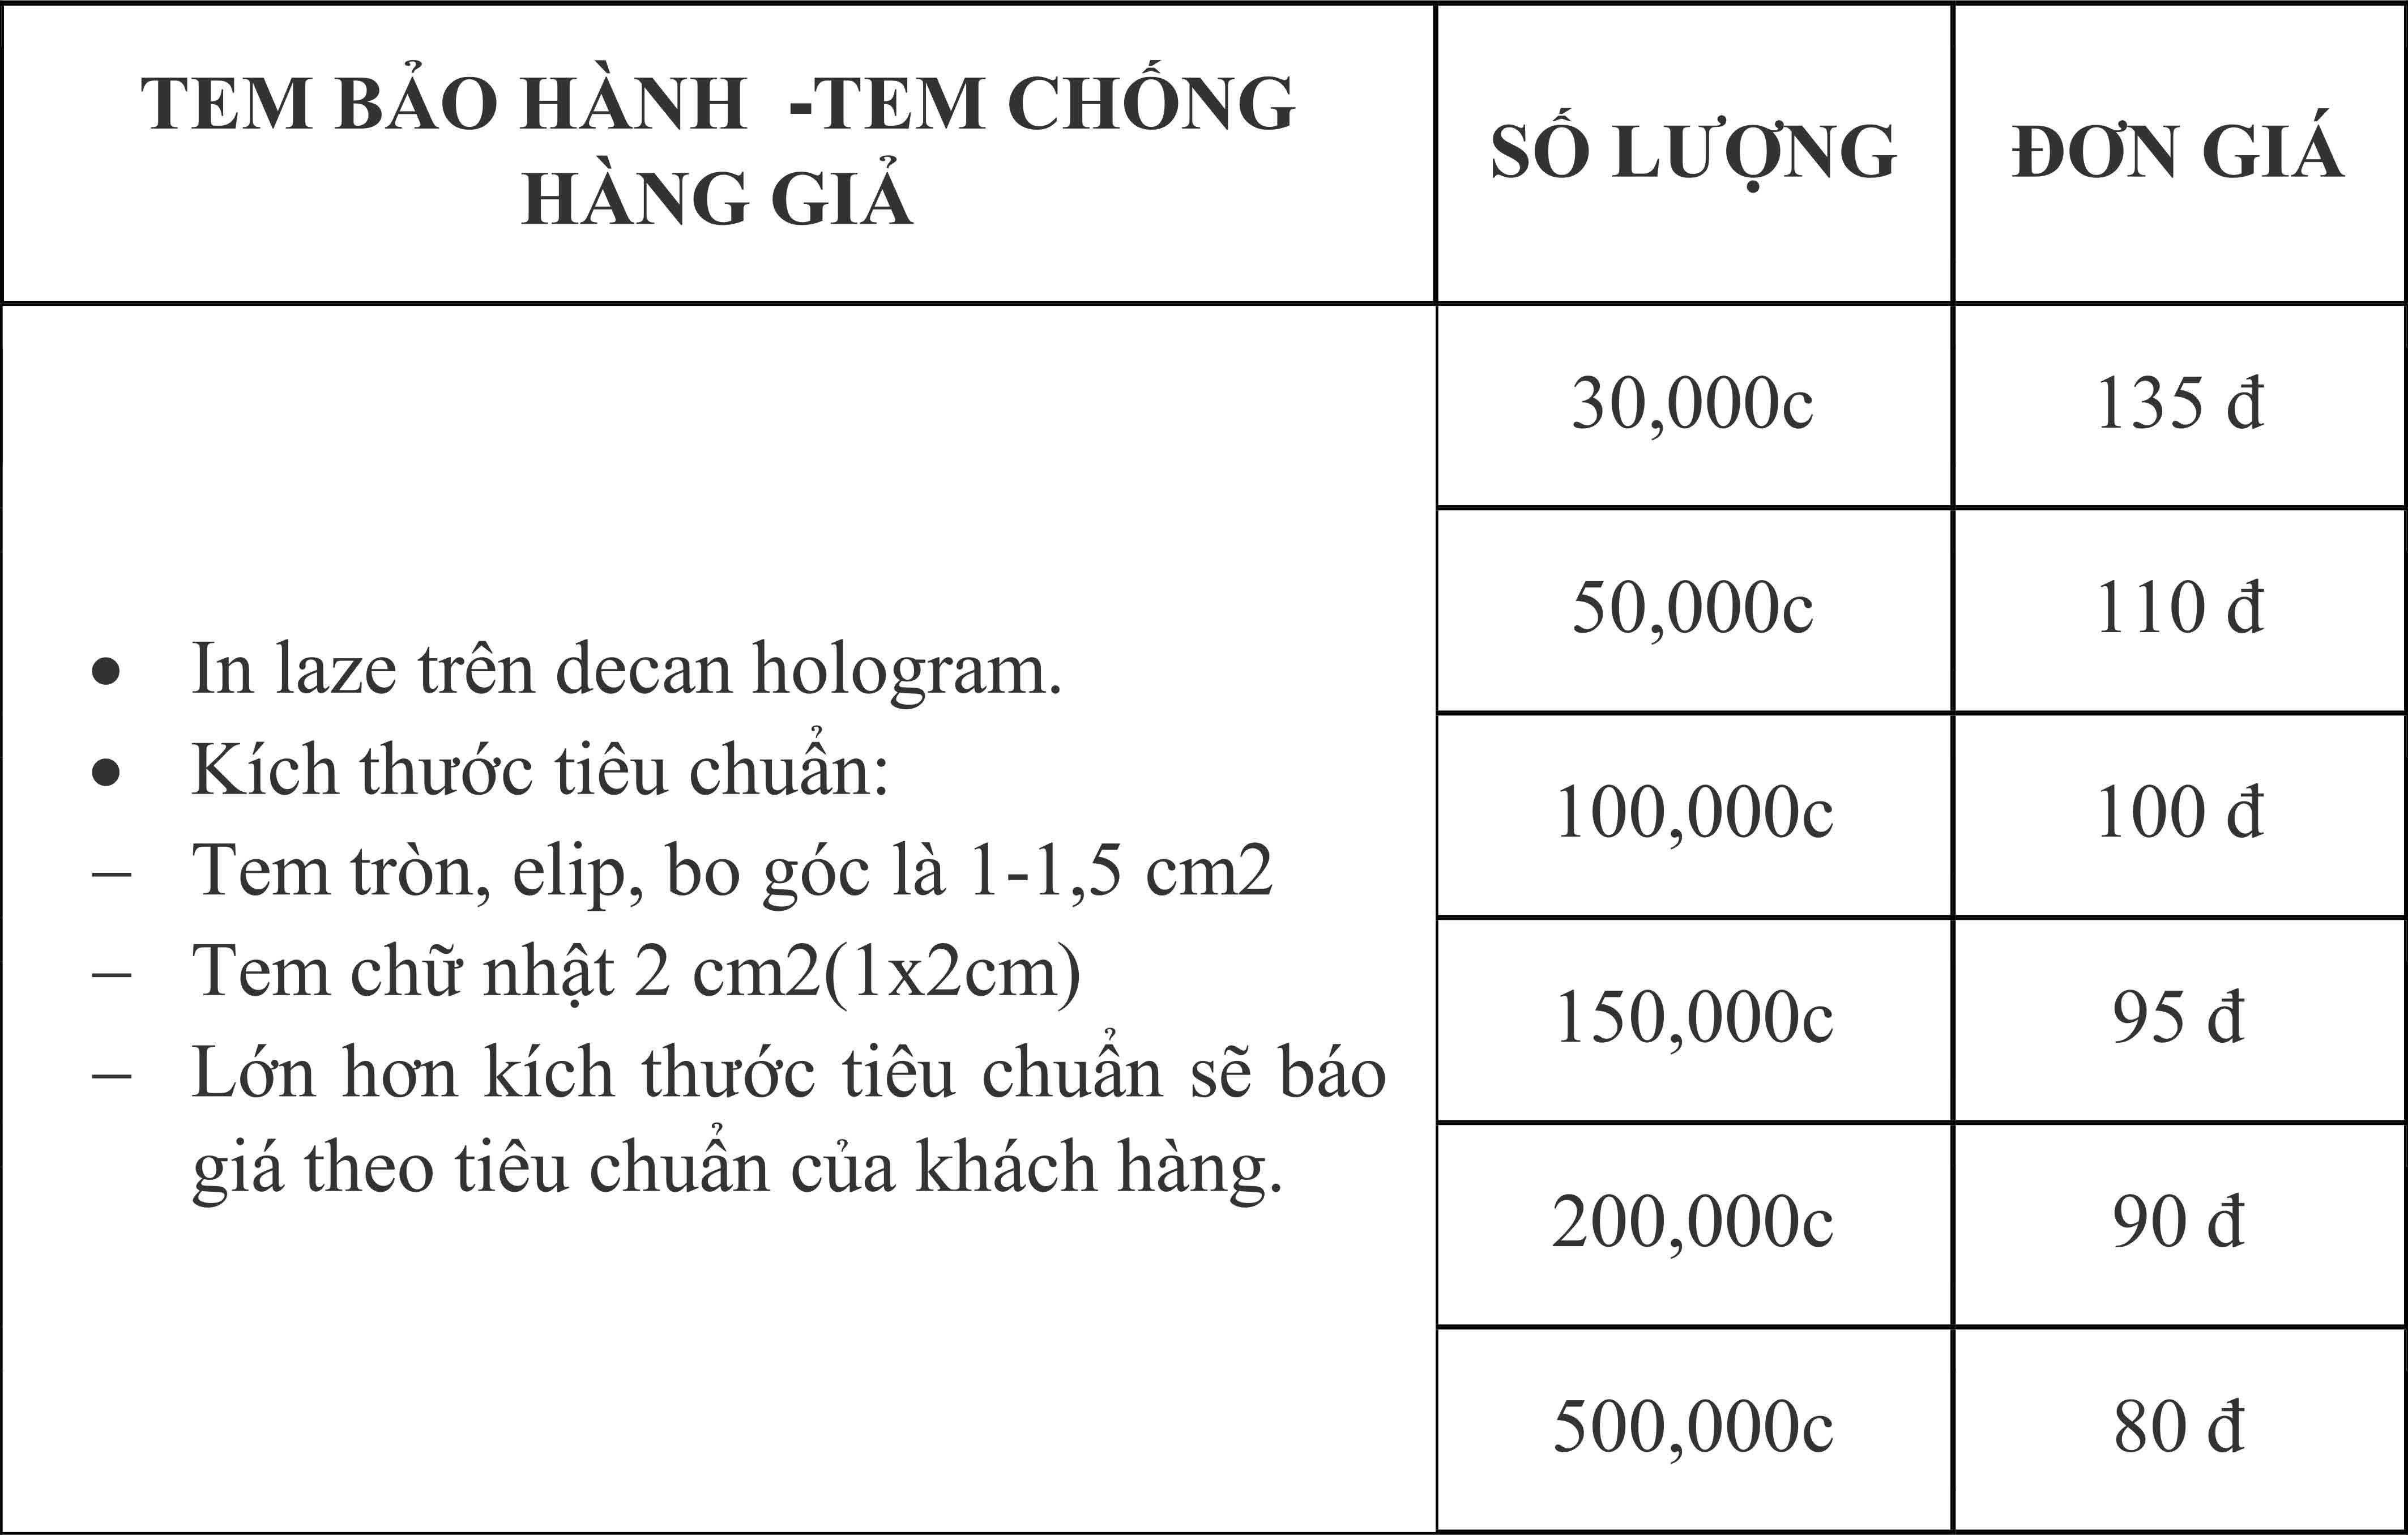 bang bao gia in tem bao hanh_02